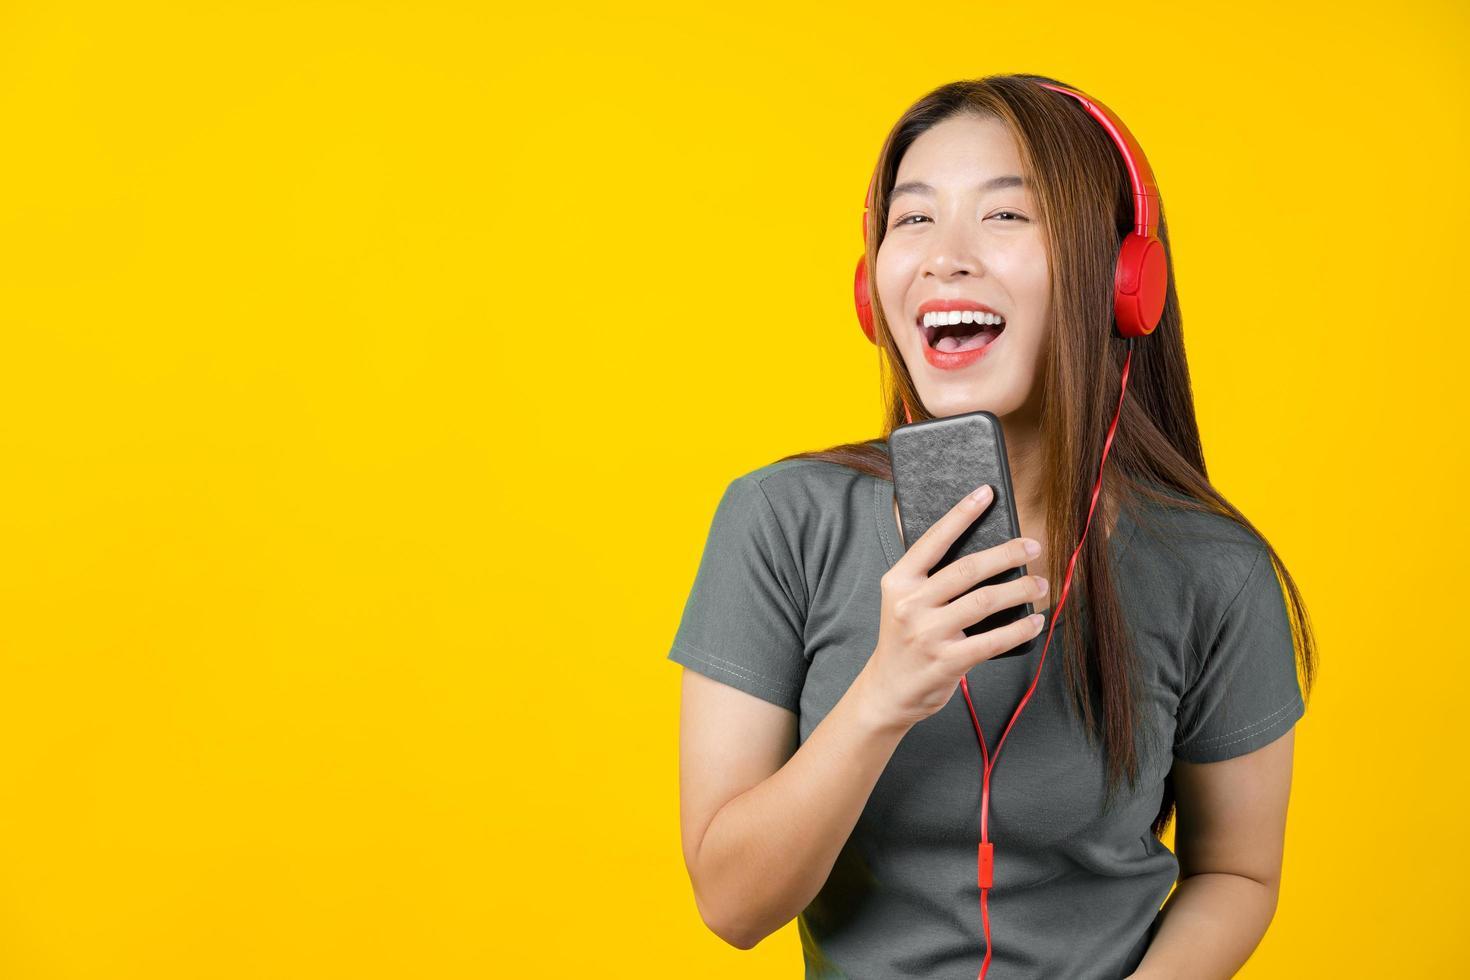 junge asiatische Frau, die Musik hört foto